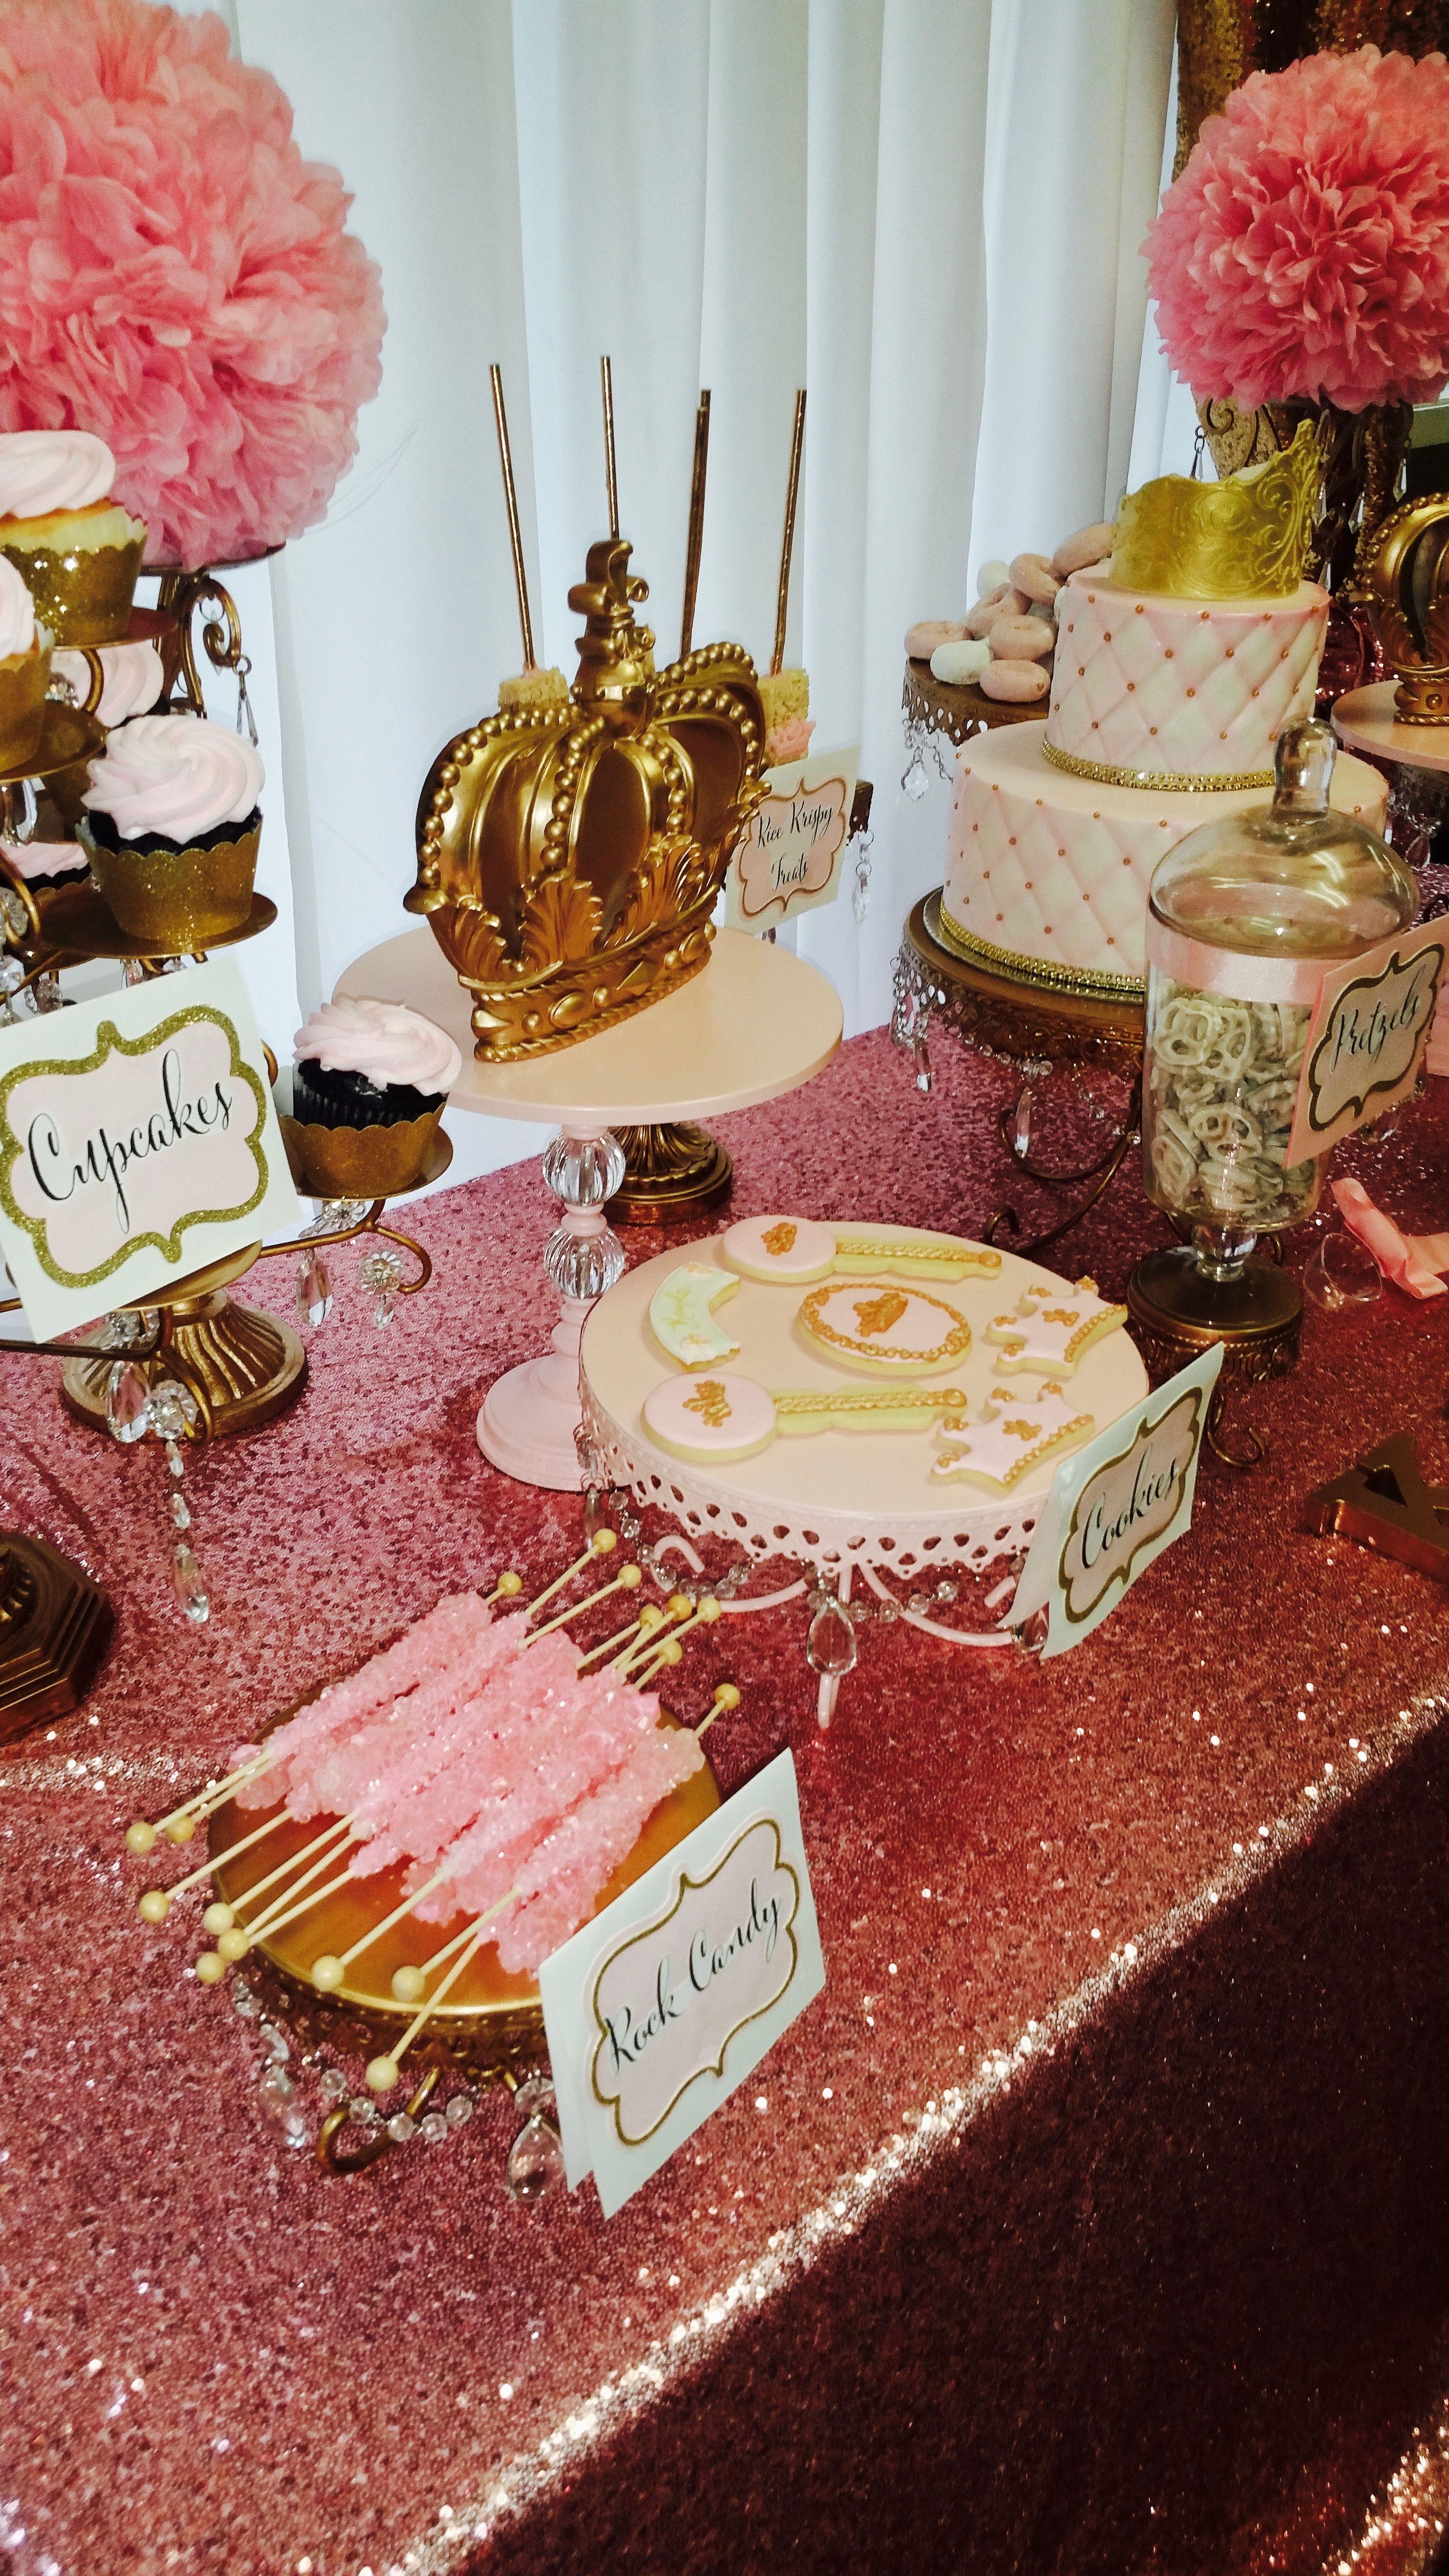 Pink Gold Dessert Table Ideas Opulent Treasures Cake Stands Cupcake Stands Dessert Stands Wedding Dessert Table Wedding Cake Display Opulent Treasures